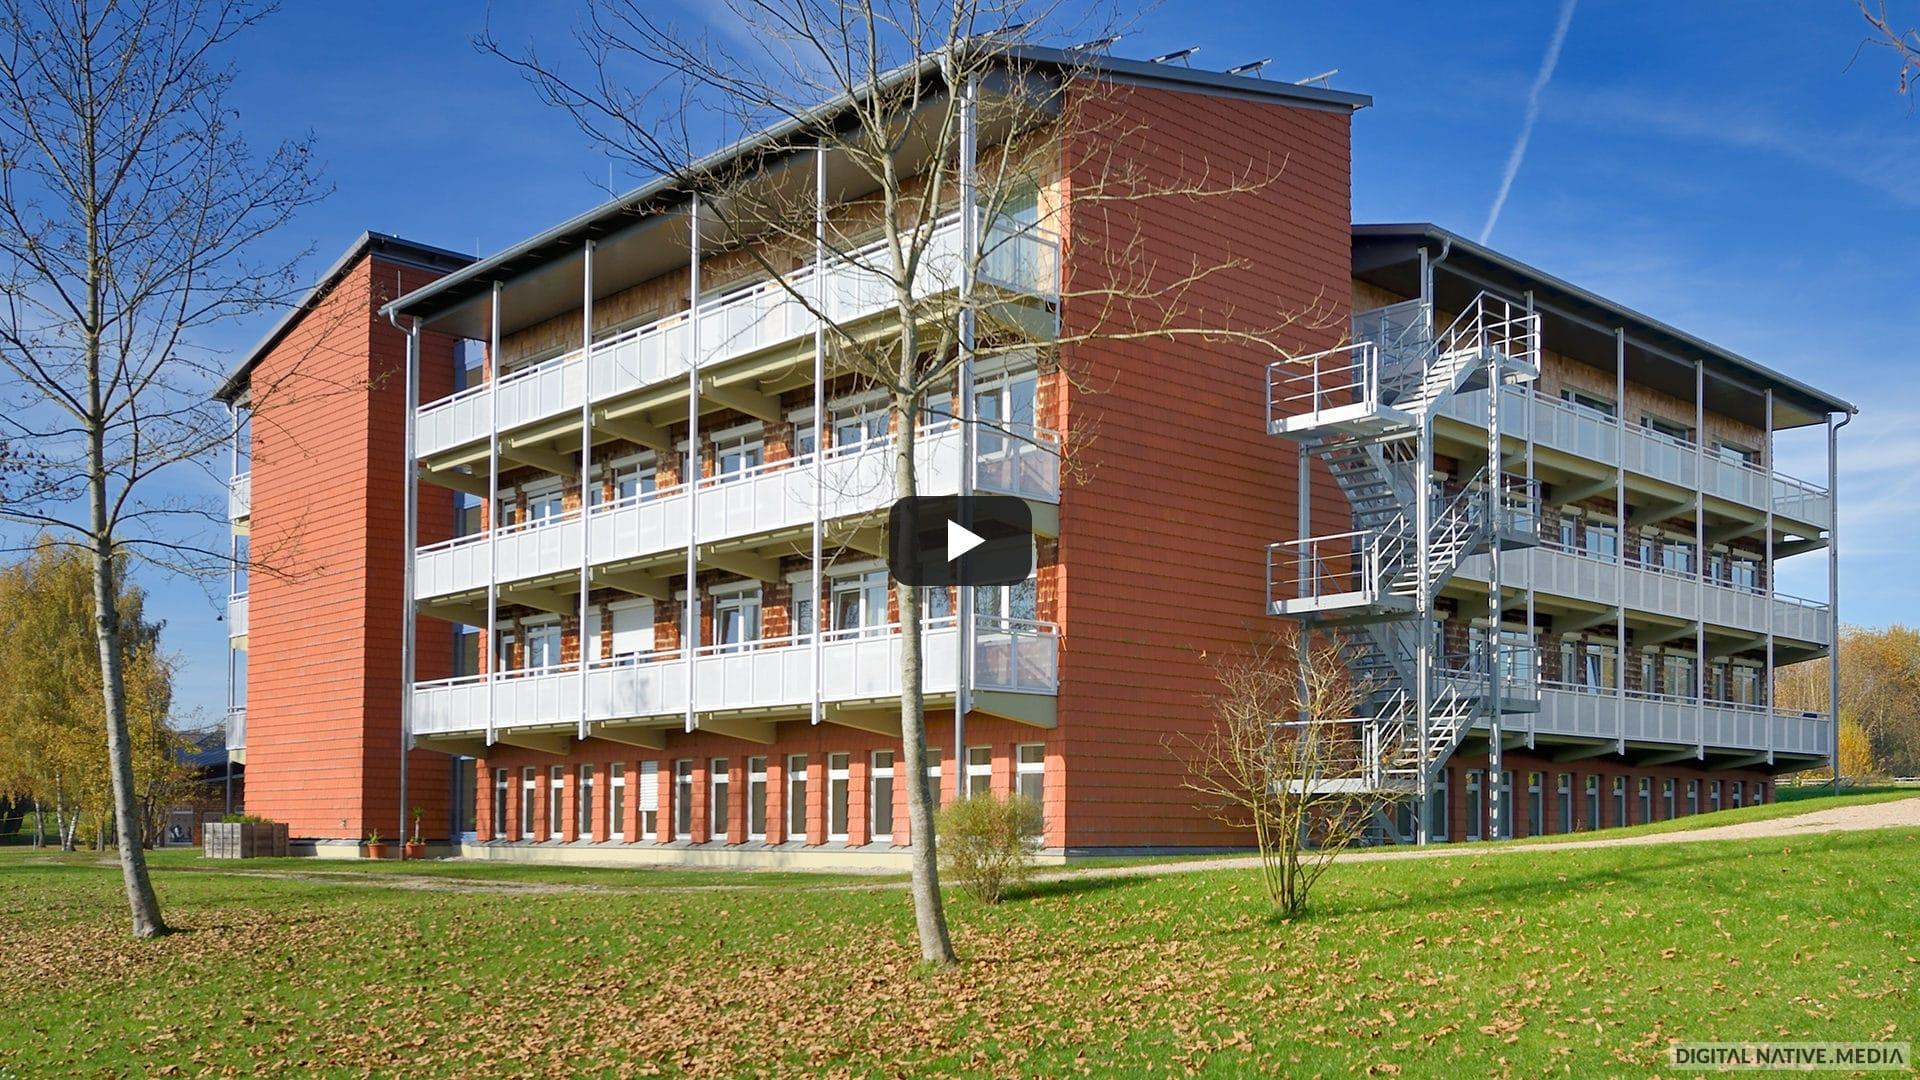 Video der Klinik Windach. Gedreht von Digital Native Media